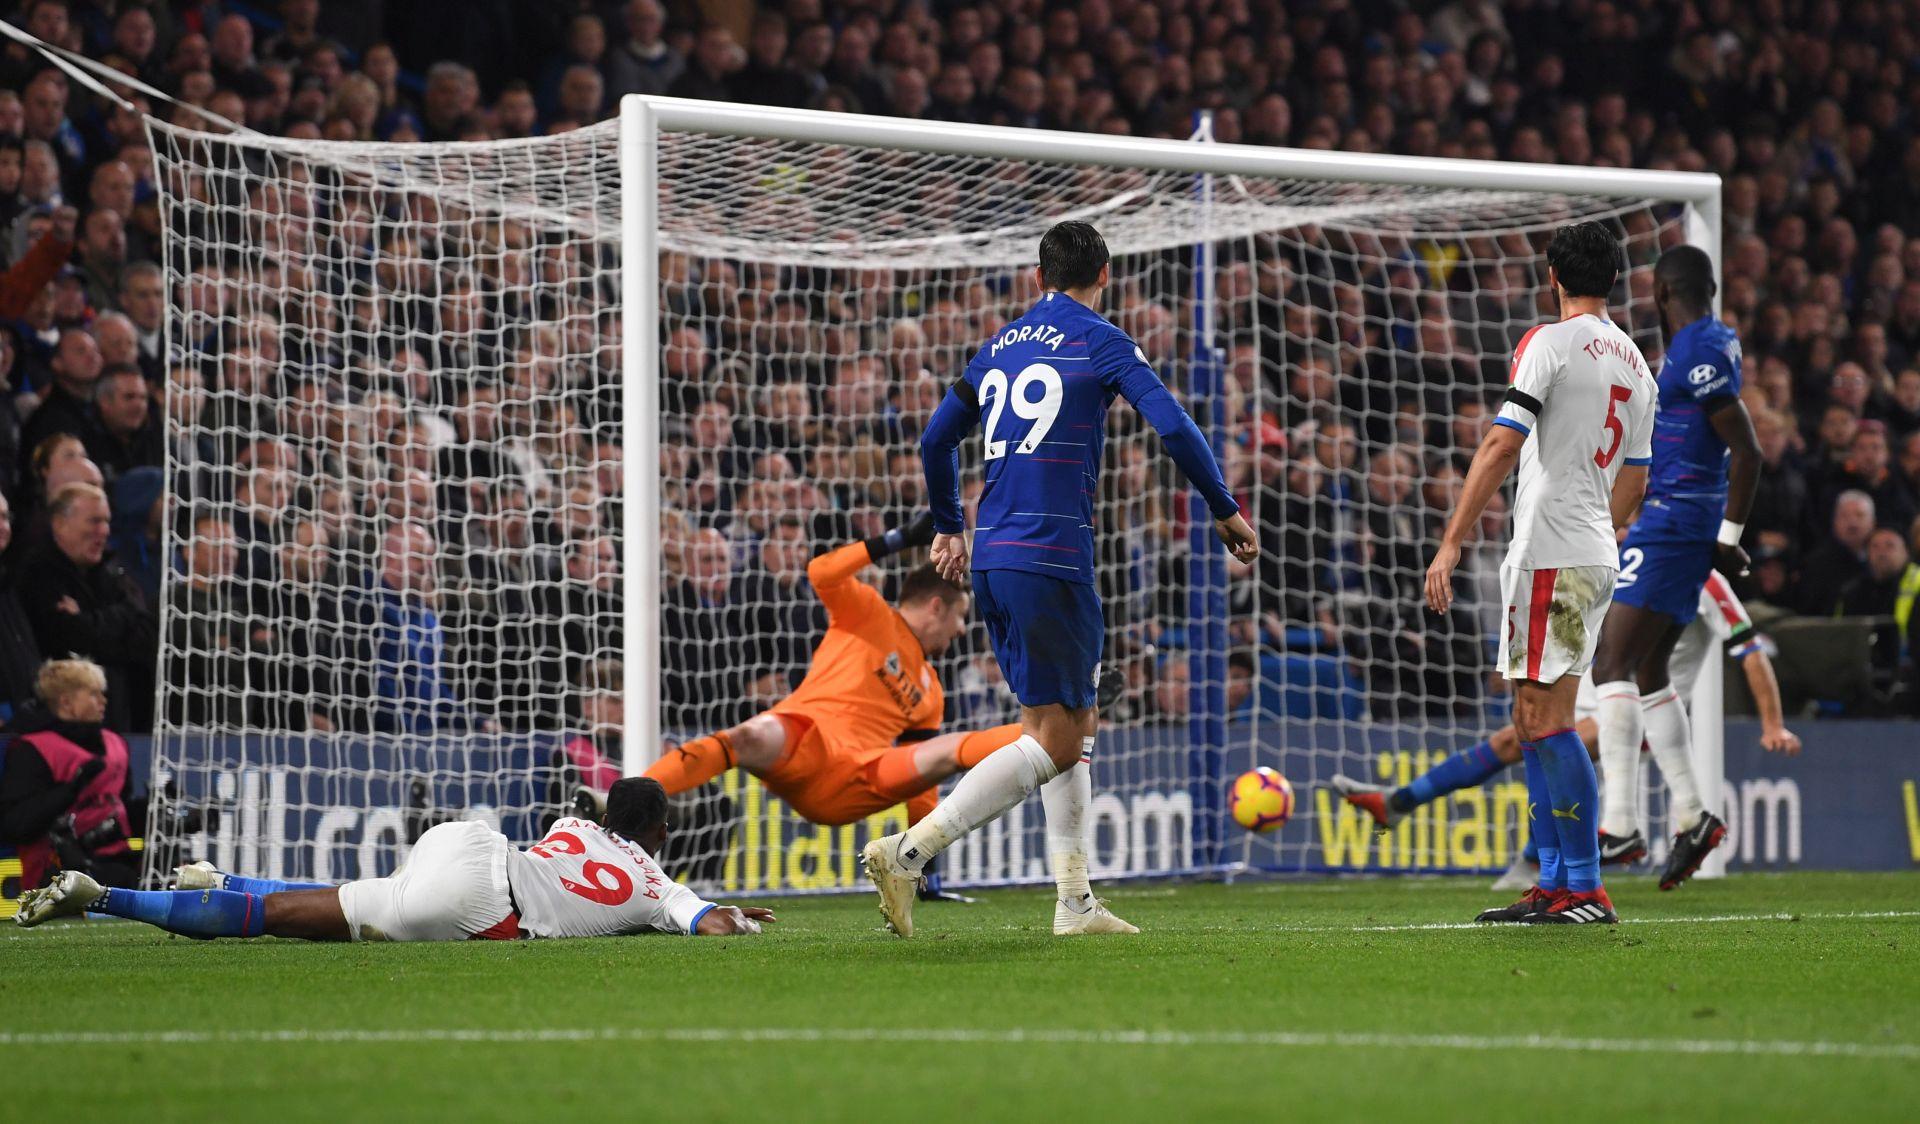 Chelsea pobjedom do drugog mjesta